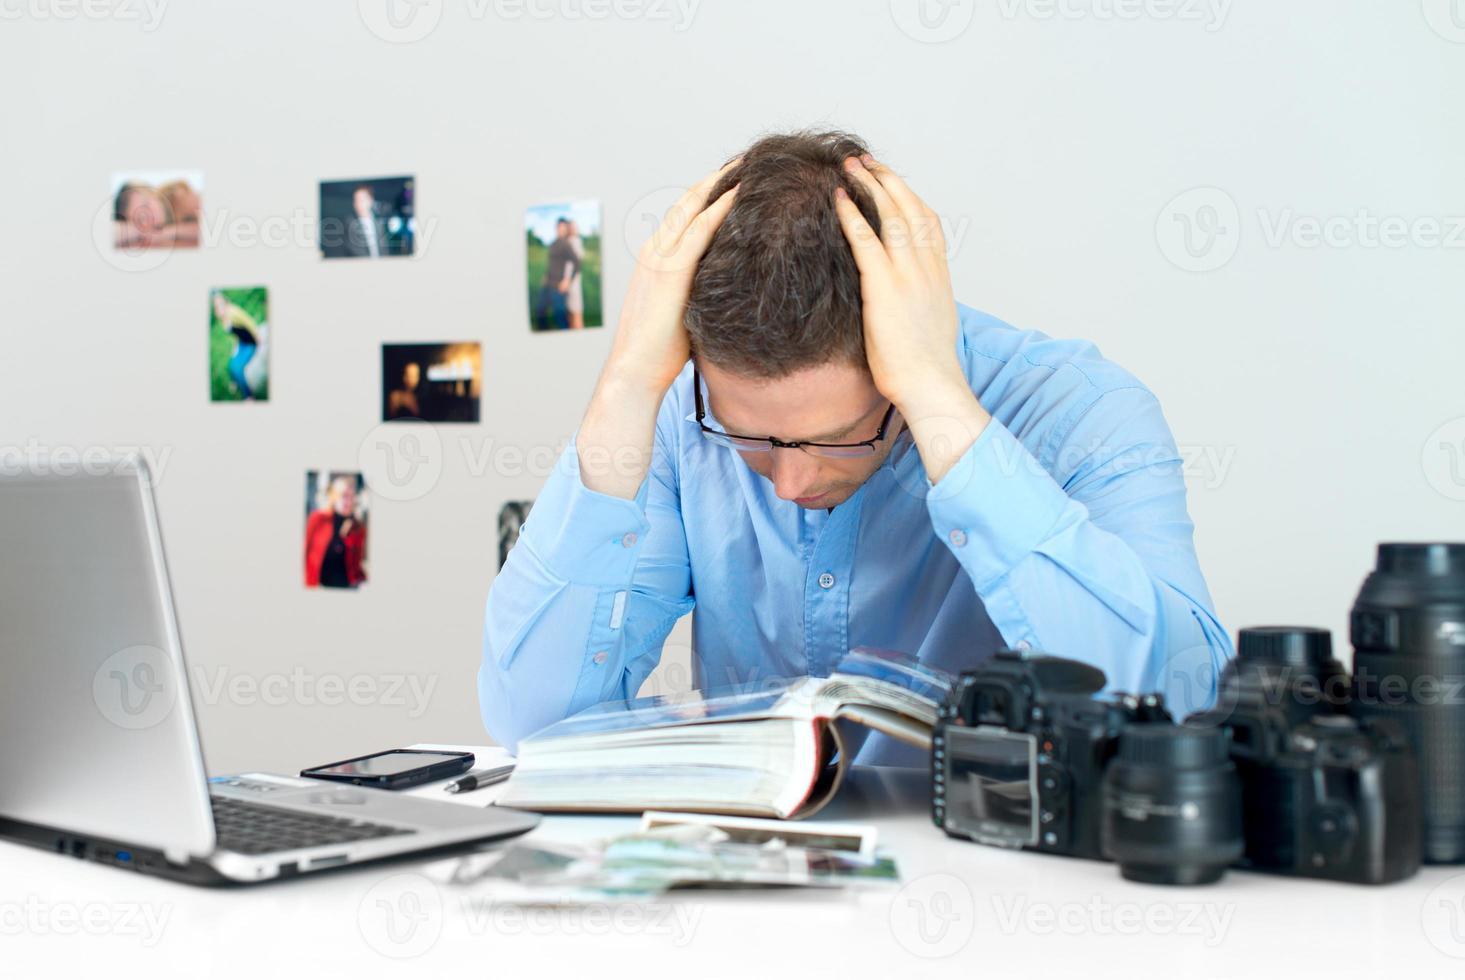 trött fotograf som arbetar på sin arbetsplats. foto